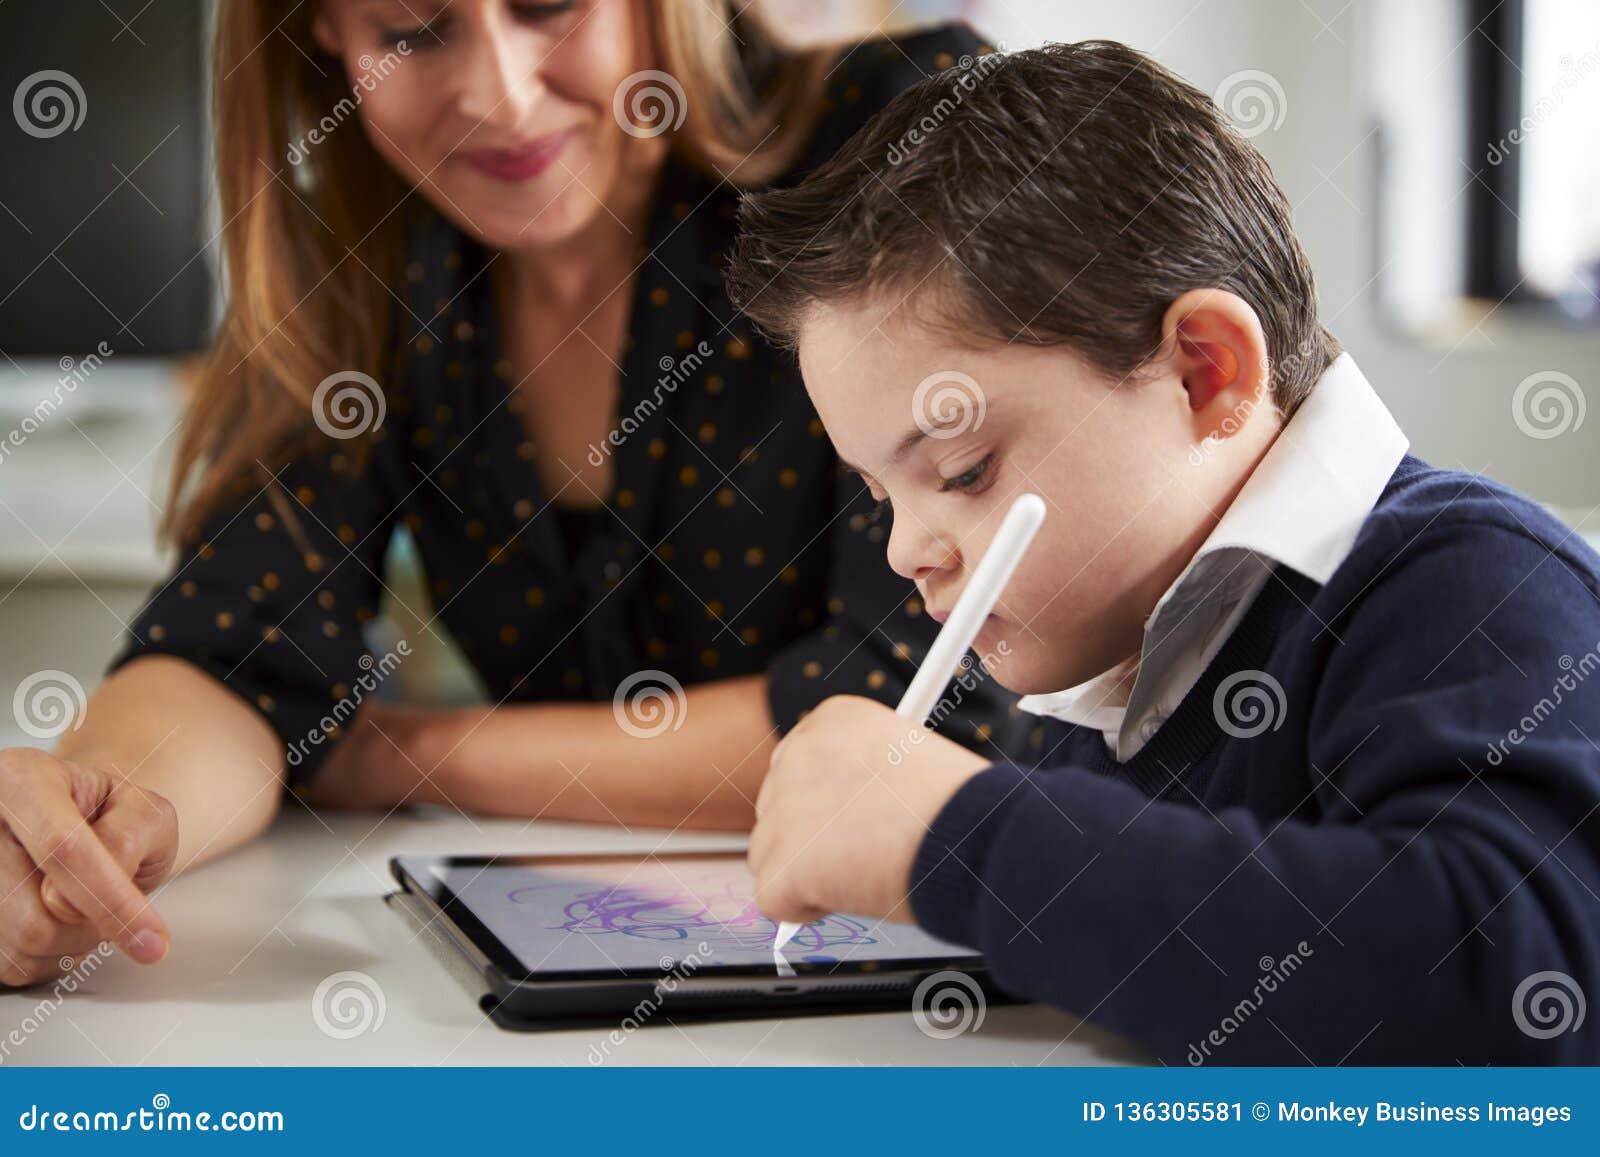 Закройте вверх молодой учительницы сидя на столе со школьником Синдрома Дауна используя планшет в classr начальной школы